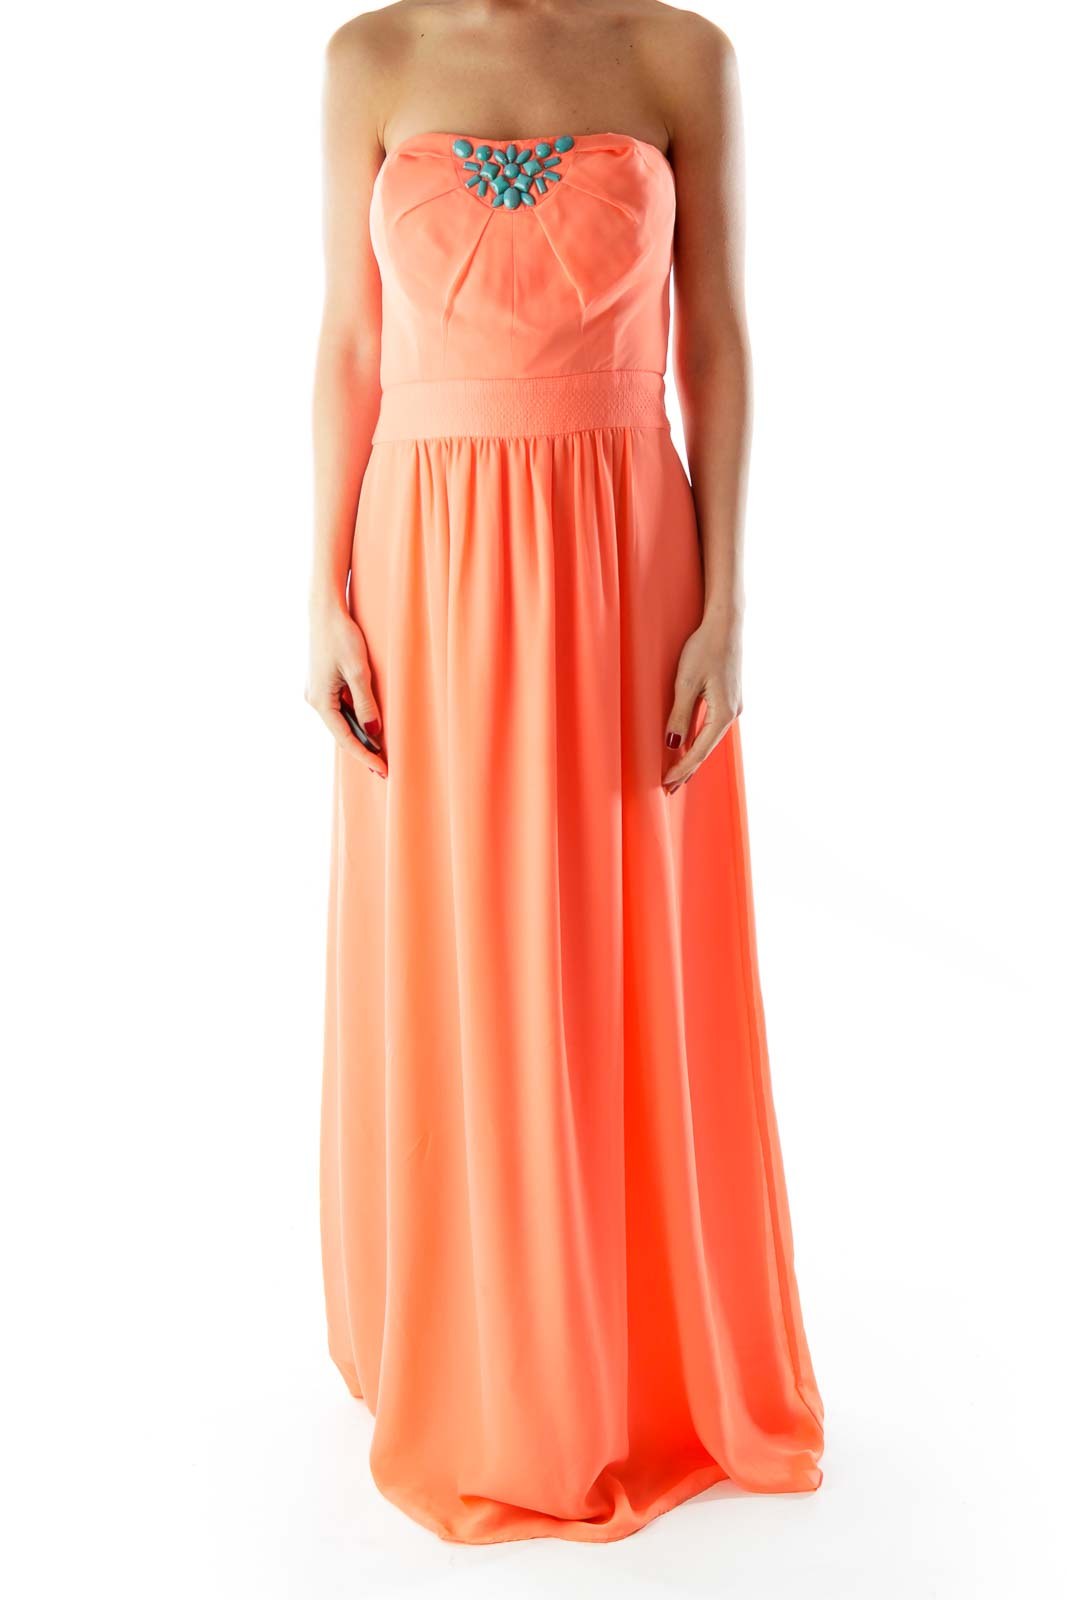 Teal Beaded Strapless Orange Floor length Dress Front